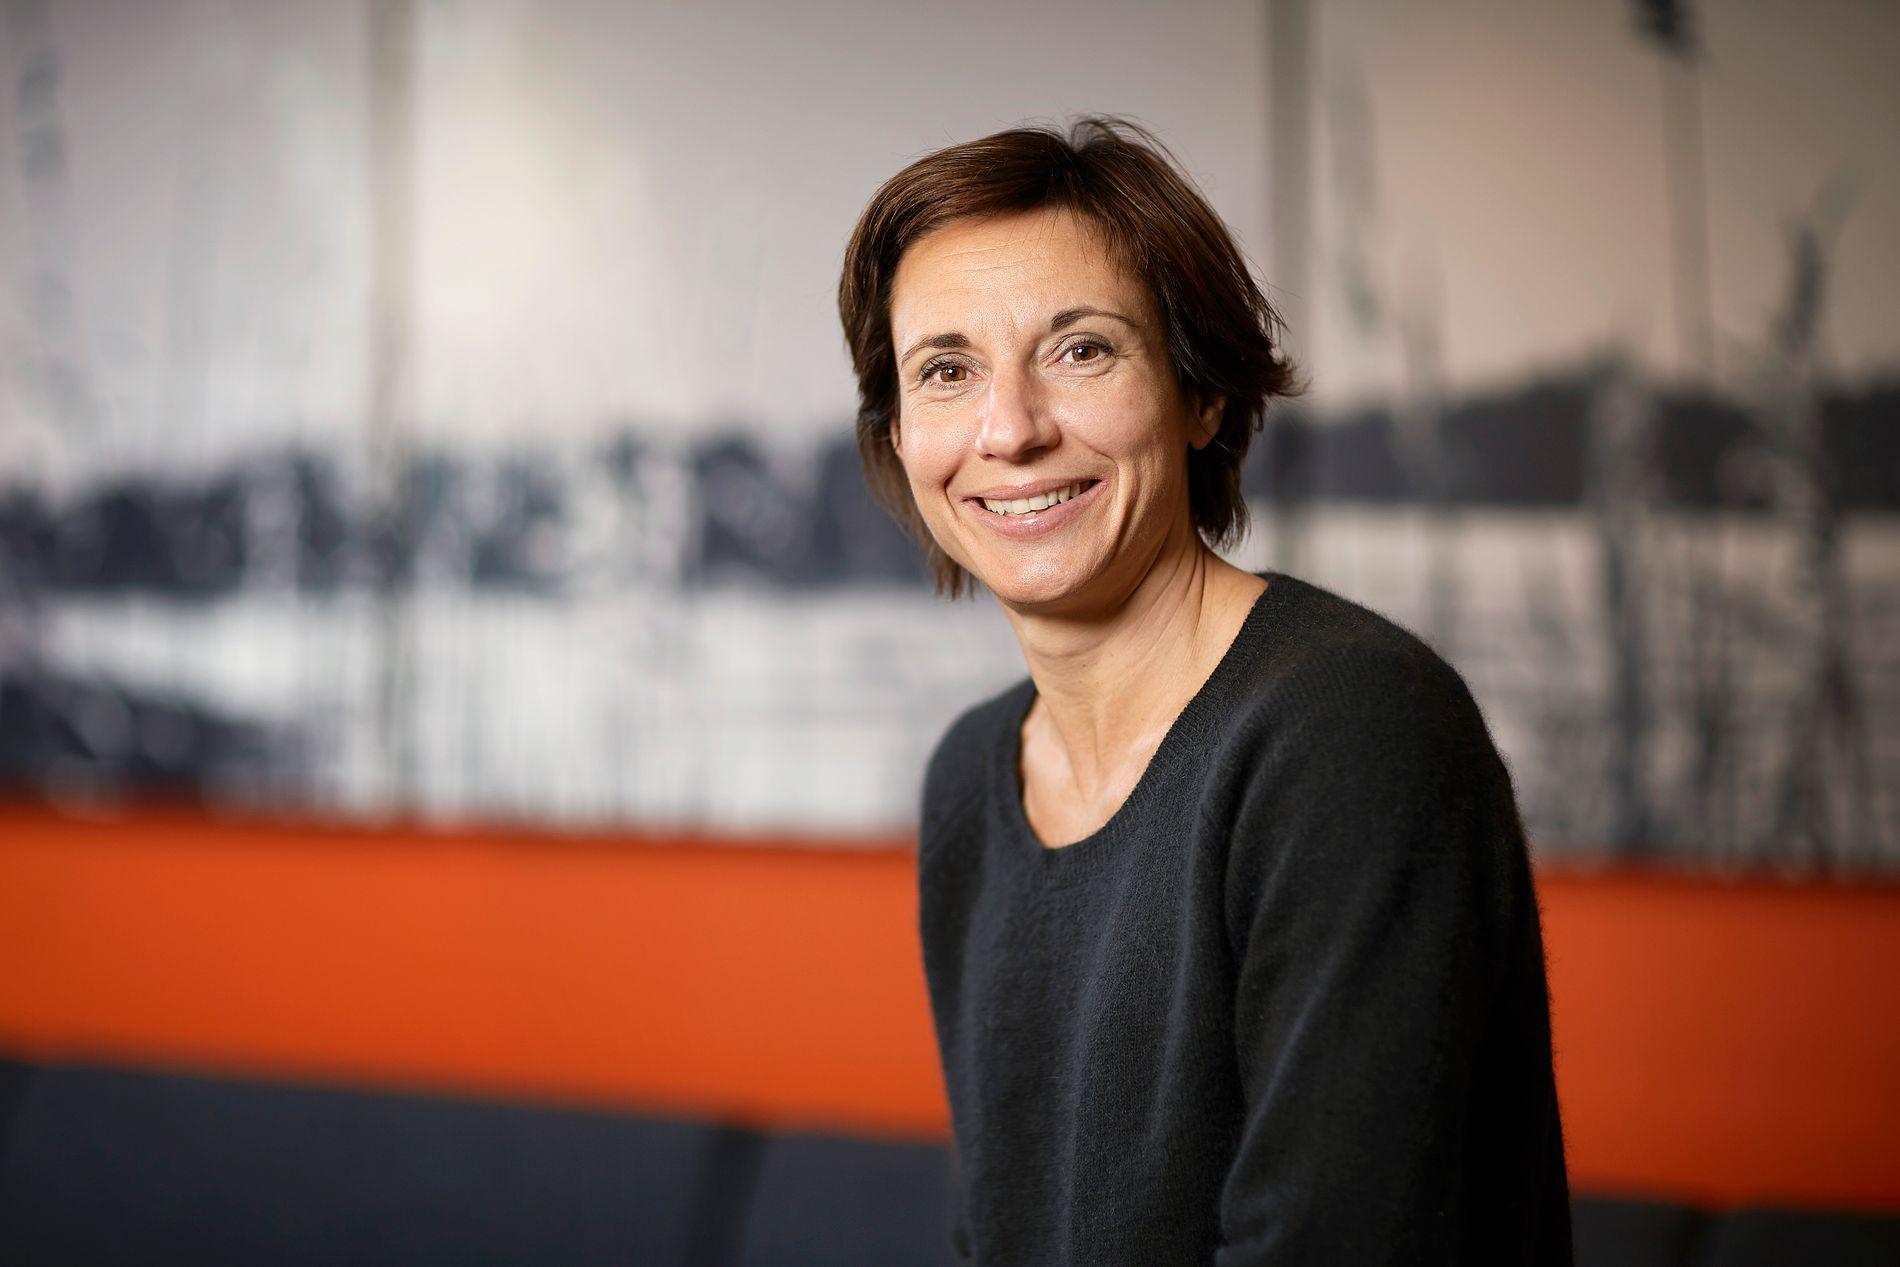 UNDERGRAVER : Behandling uten krav til dokumentasjon undergraver helsemyndighetenes rolle som godkjenner og industriens insentiver for å drive forskning, skriver Veronica Barrabés i legemiddelfirmaet Novartis.